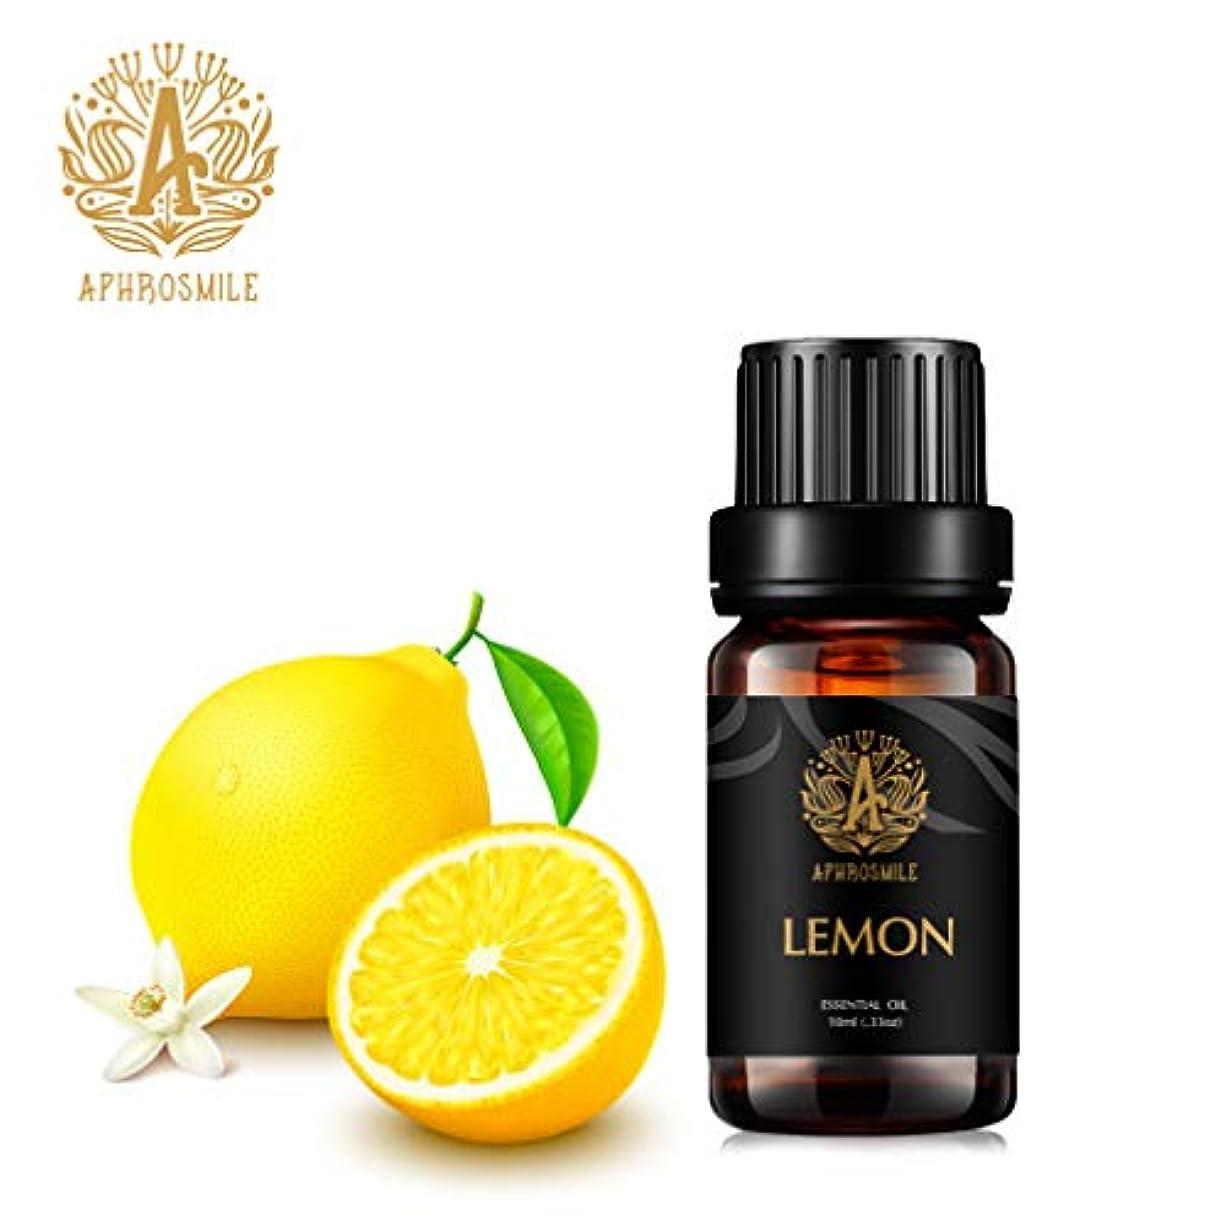 市の中心部議論するマニュアルレモン精油、100%純粋なアロマセラピーエッセンシャルオイルレモンの香り、クレンジングとし、空気を浄化します、治療用グレードエッセンシャルオイルレモンの香り為にディフューザー、マッサージ、加湿器、デイリーケア、0.33オンス...